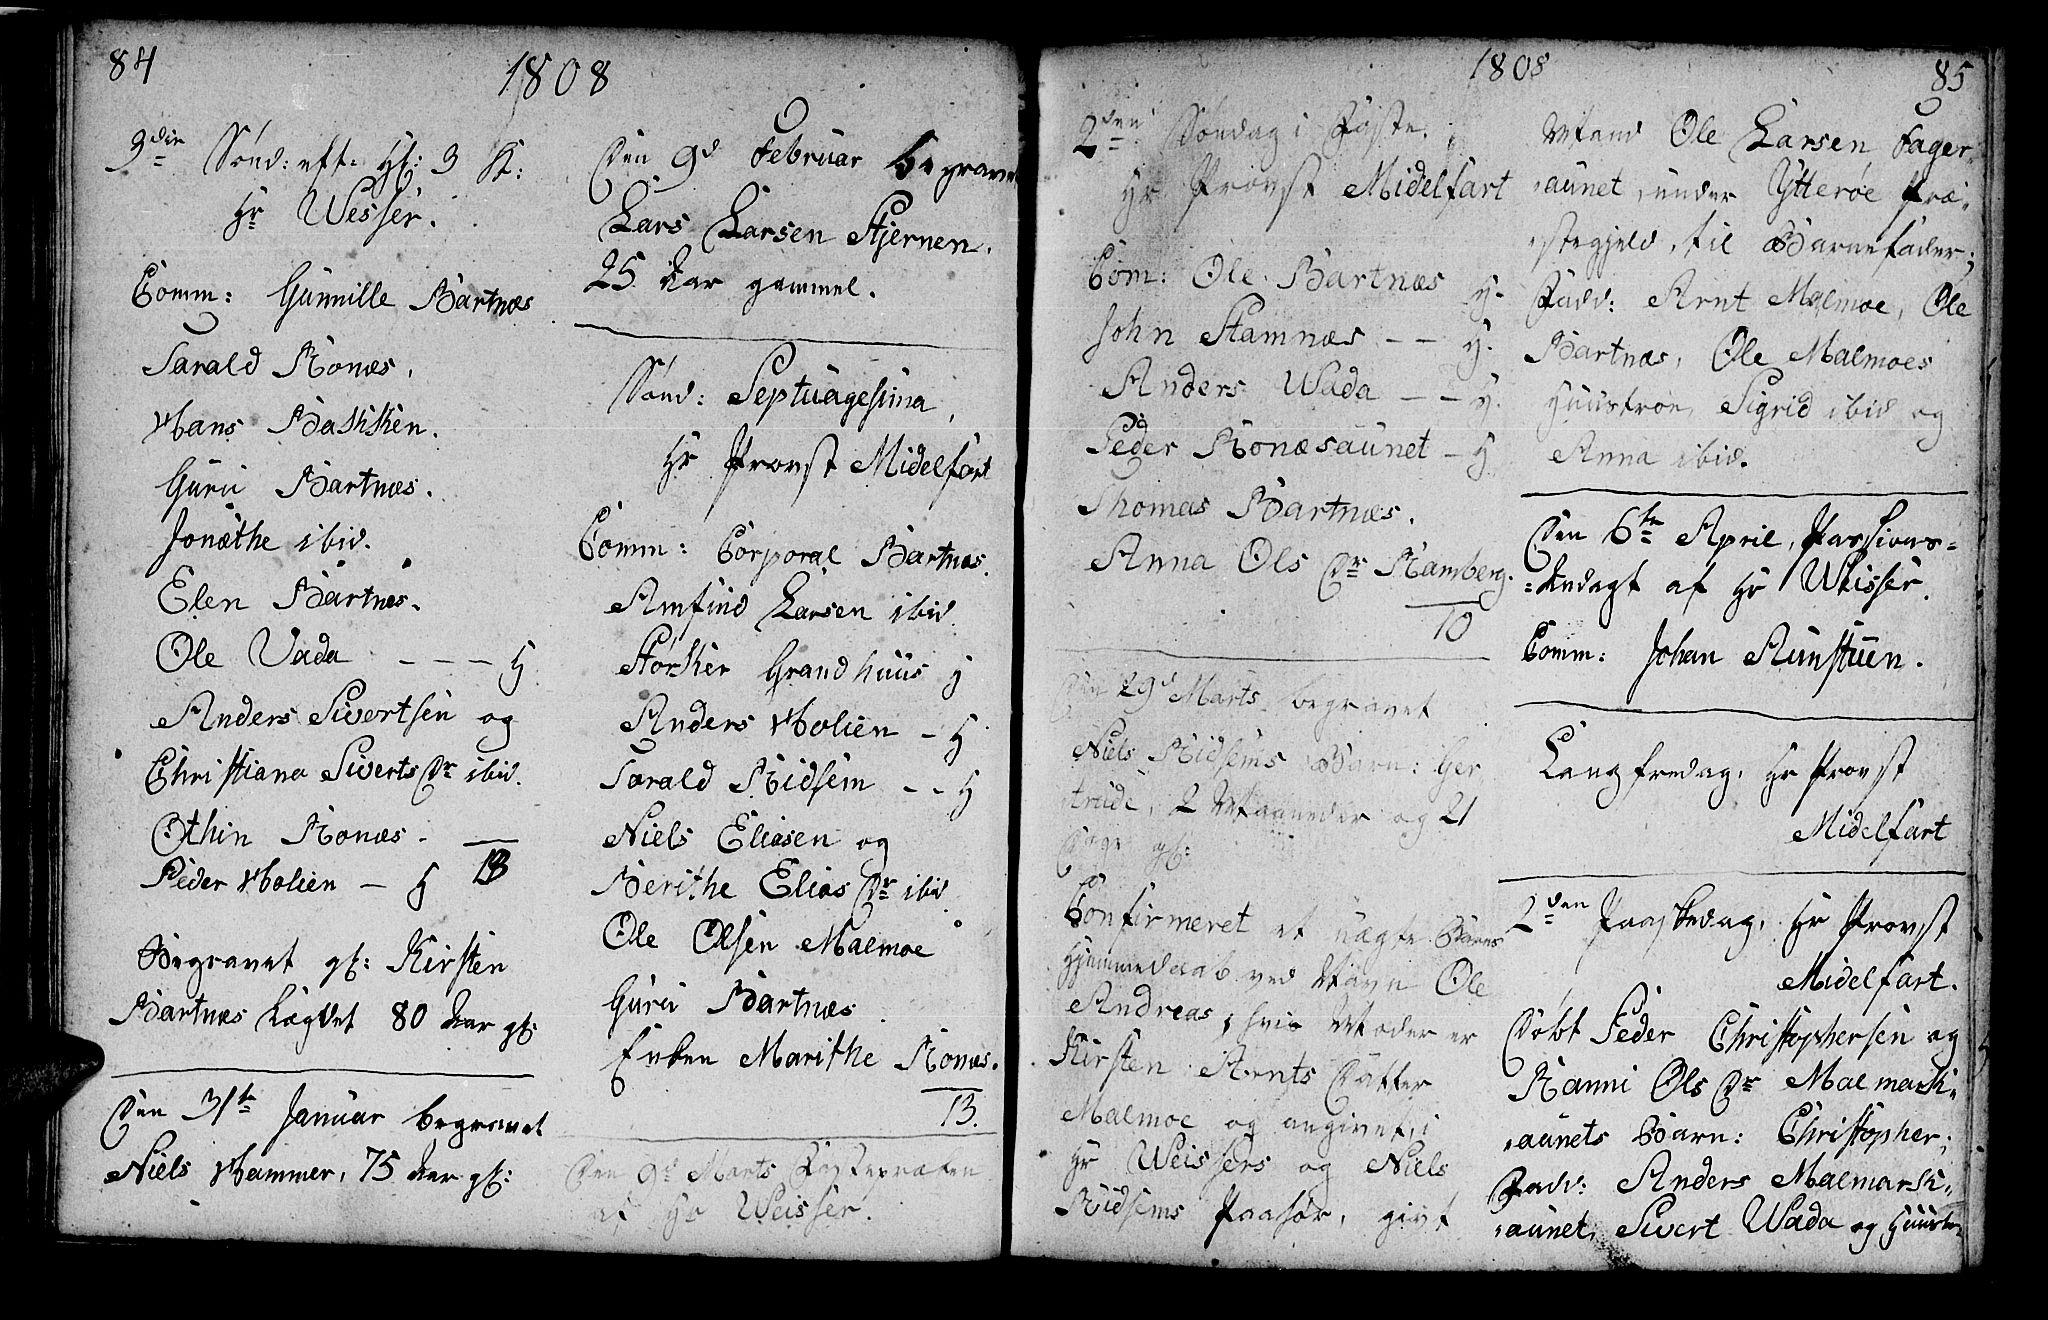 SAT, Ministerialprotokoller, klokkerbøker og fødselsregistre - Nord-Trøndelag, 745/L0432: Klokkerbok nr. 745C01, 1802-1814, s. 84-85